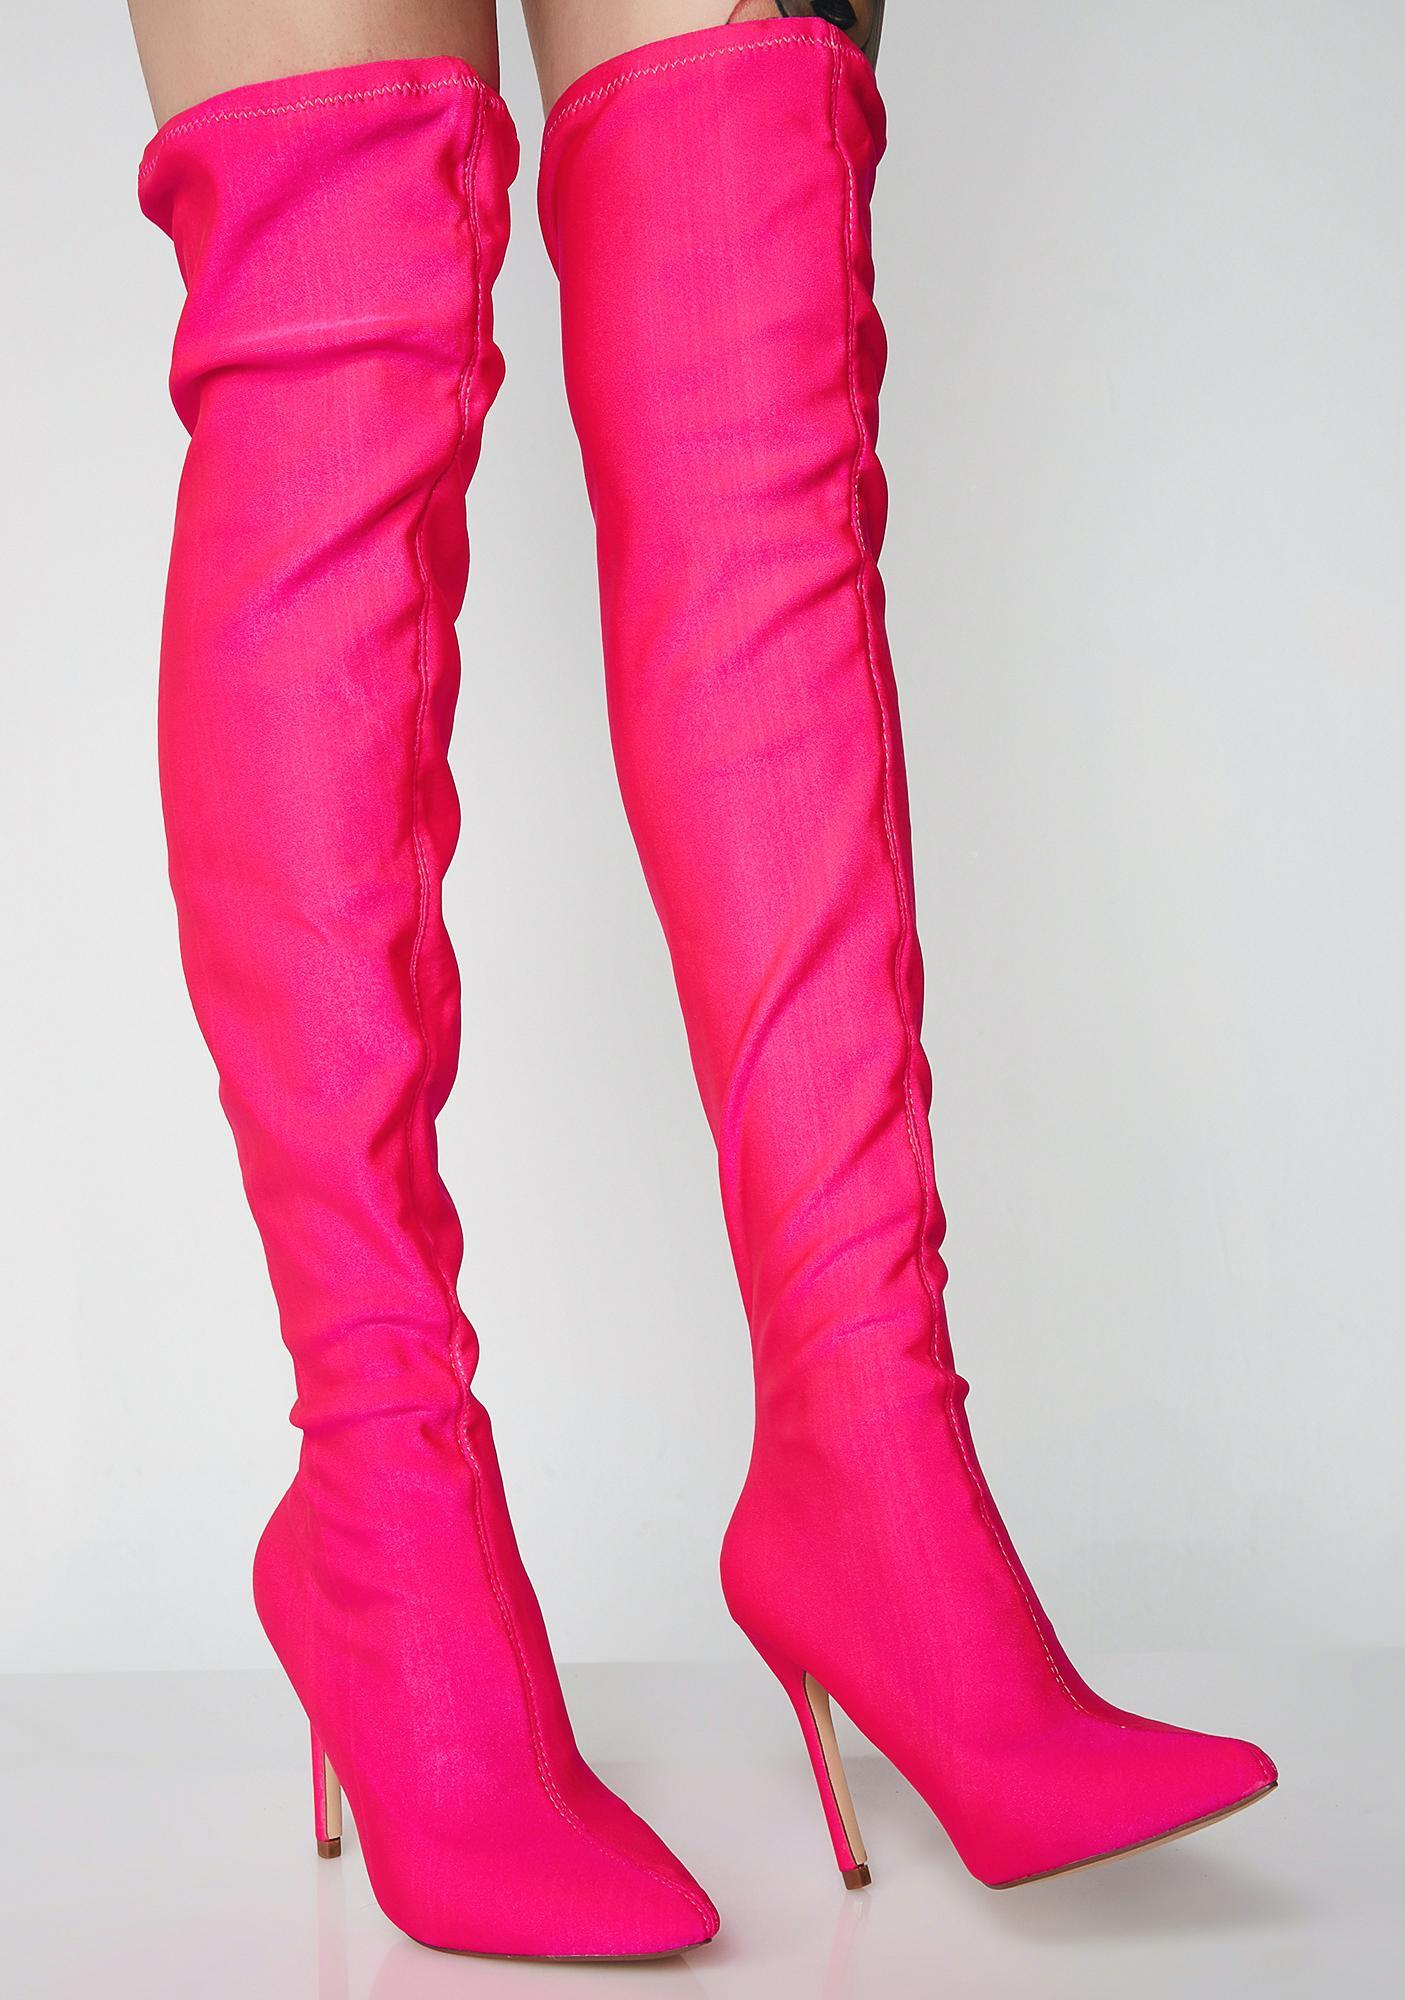 Sugar Keep Lookin' Over The Knee Boots